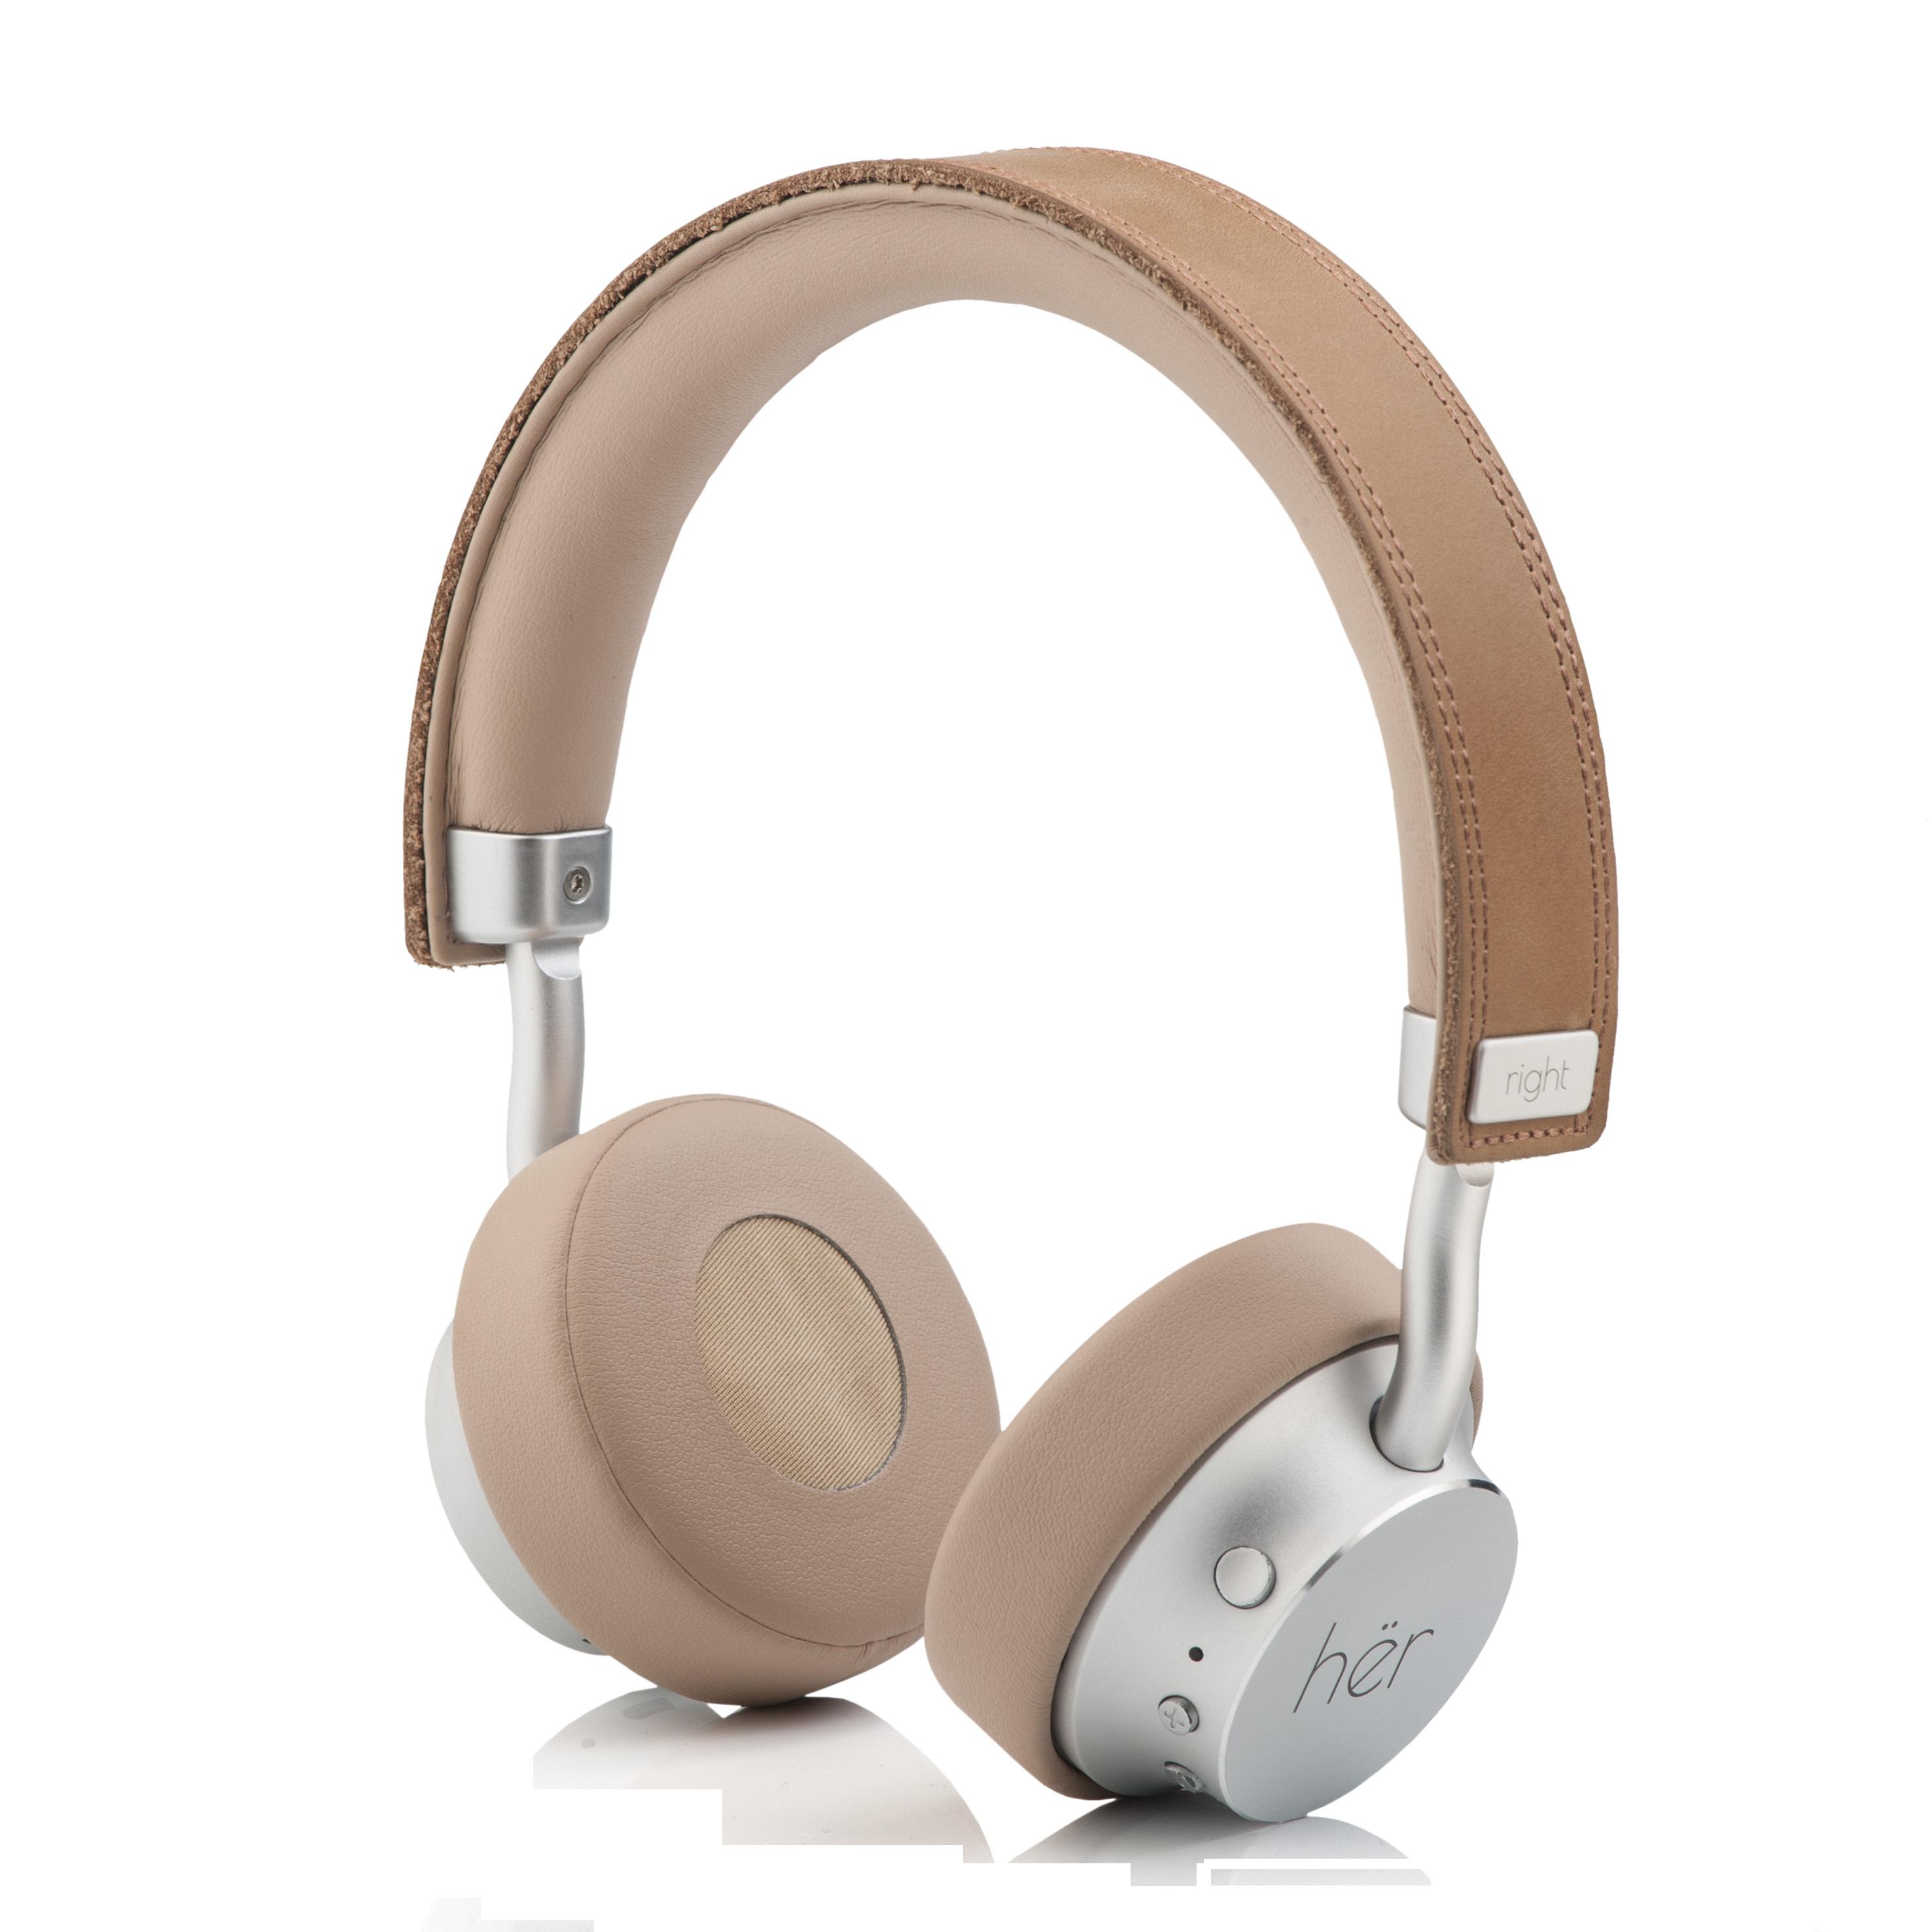 2294843f071 hër on-ear bluetooth stereo headphone – Hear Her